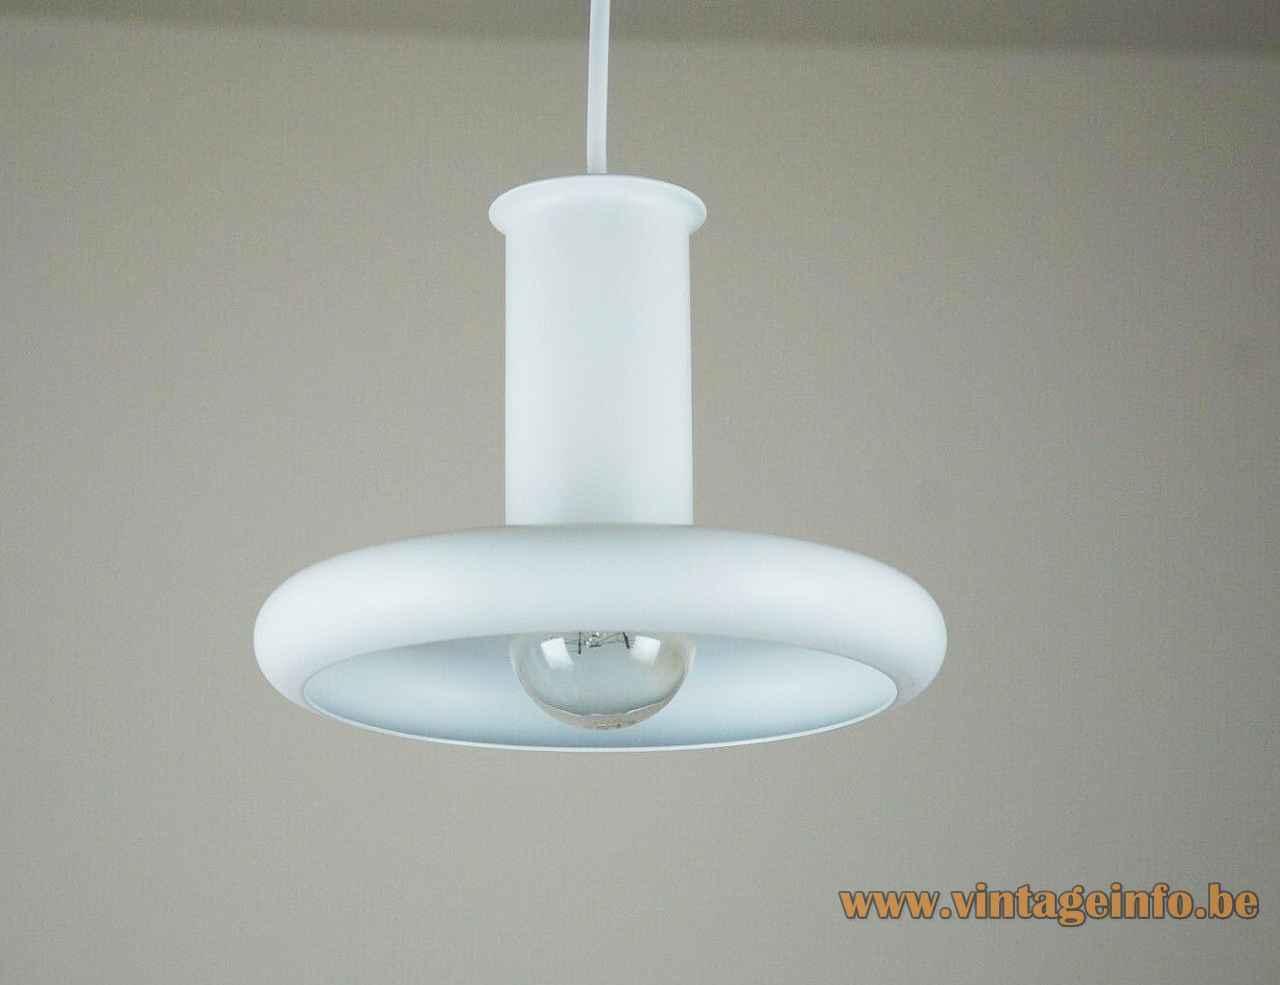 Hans Due Optima pendant lamp white metal disc & tube lampshade 1970s design Fog & Mørup Denmark